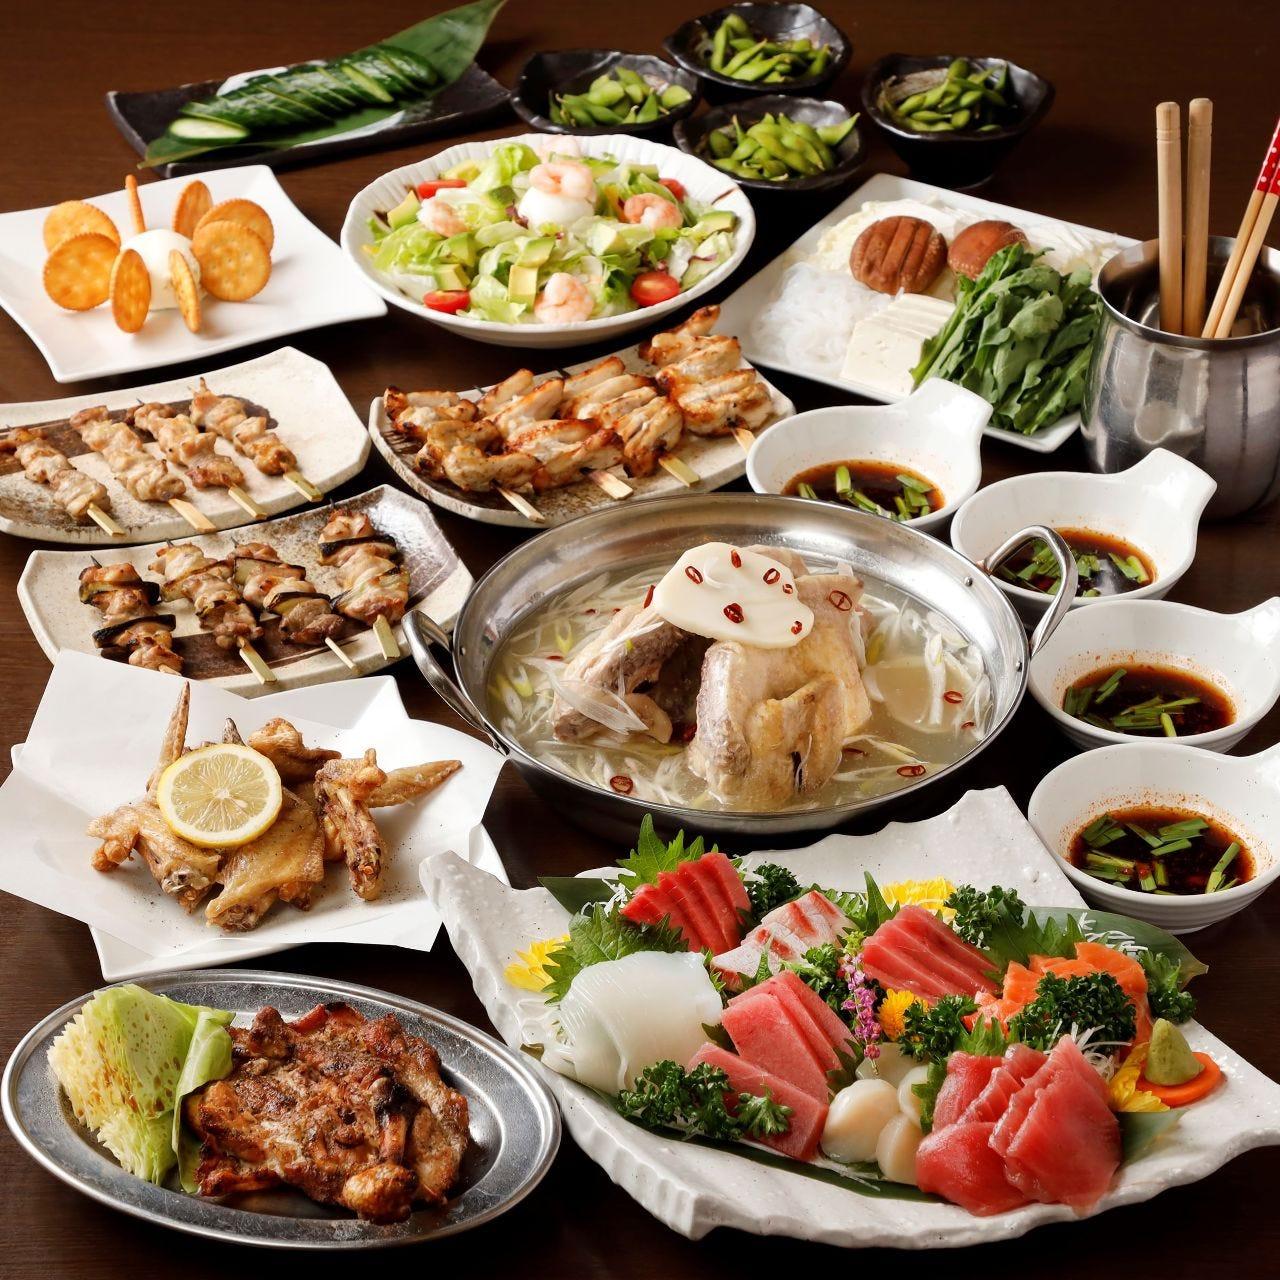 丸鶏の水炊きの入った宴会コース コラーゲンとボリューム満点!